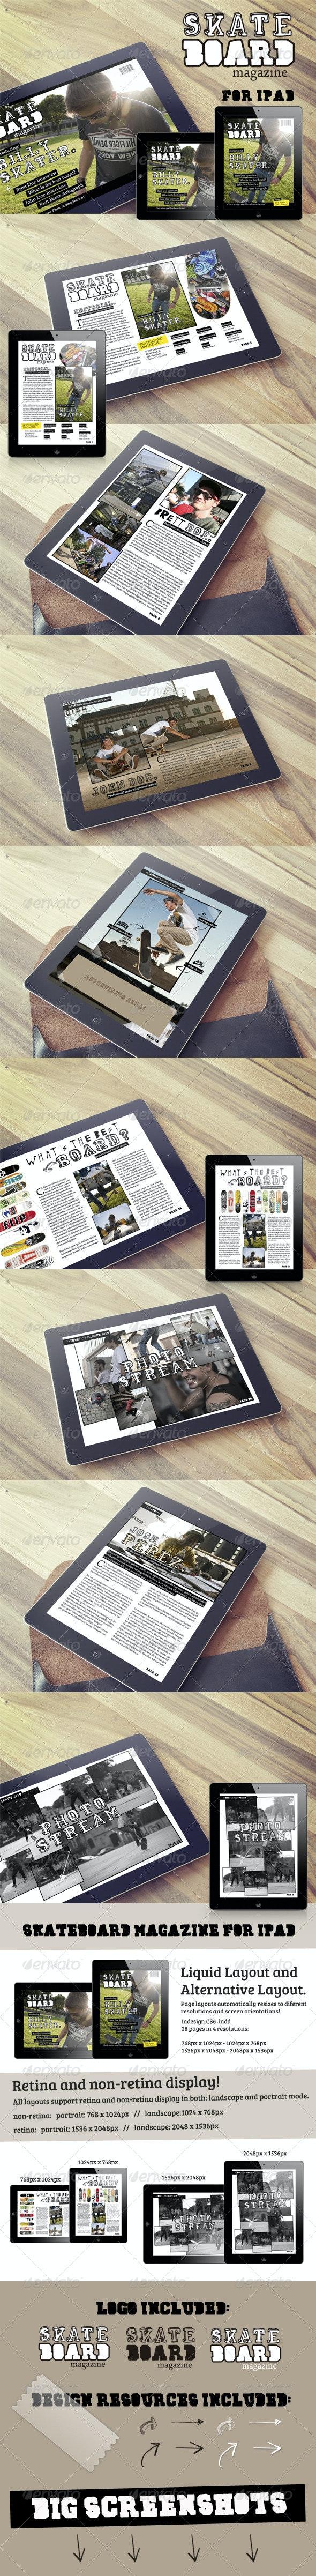 Skateboard Magazine Template for iPad - Digital Magazines ePublishing